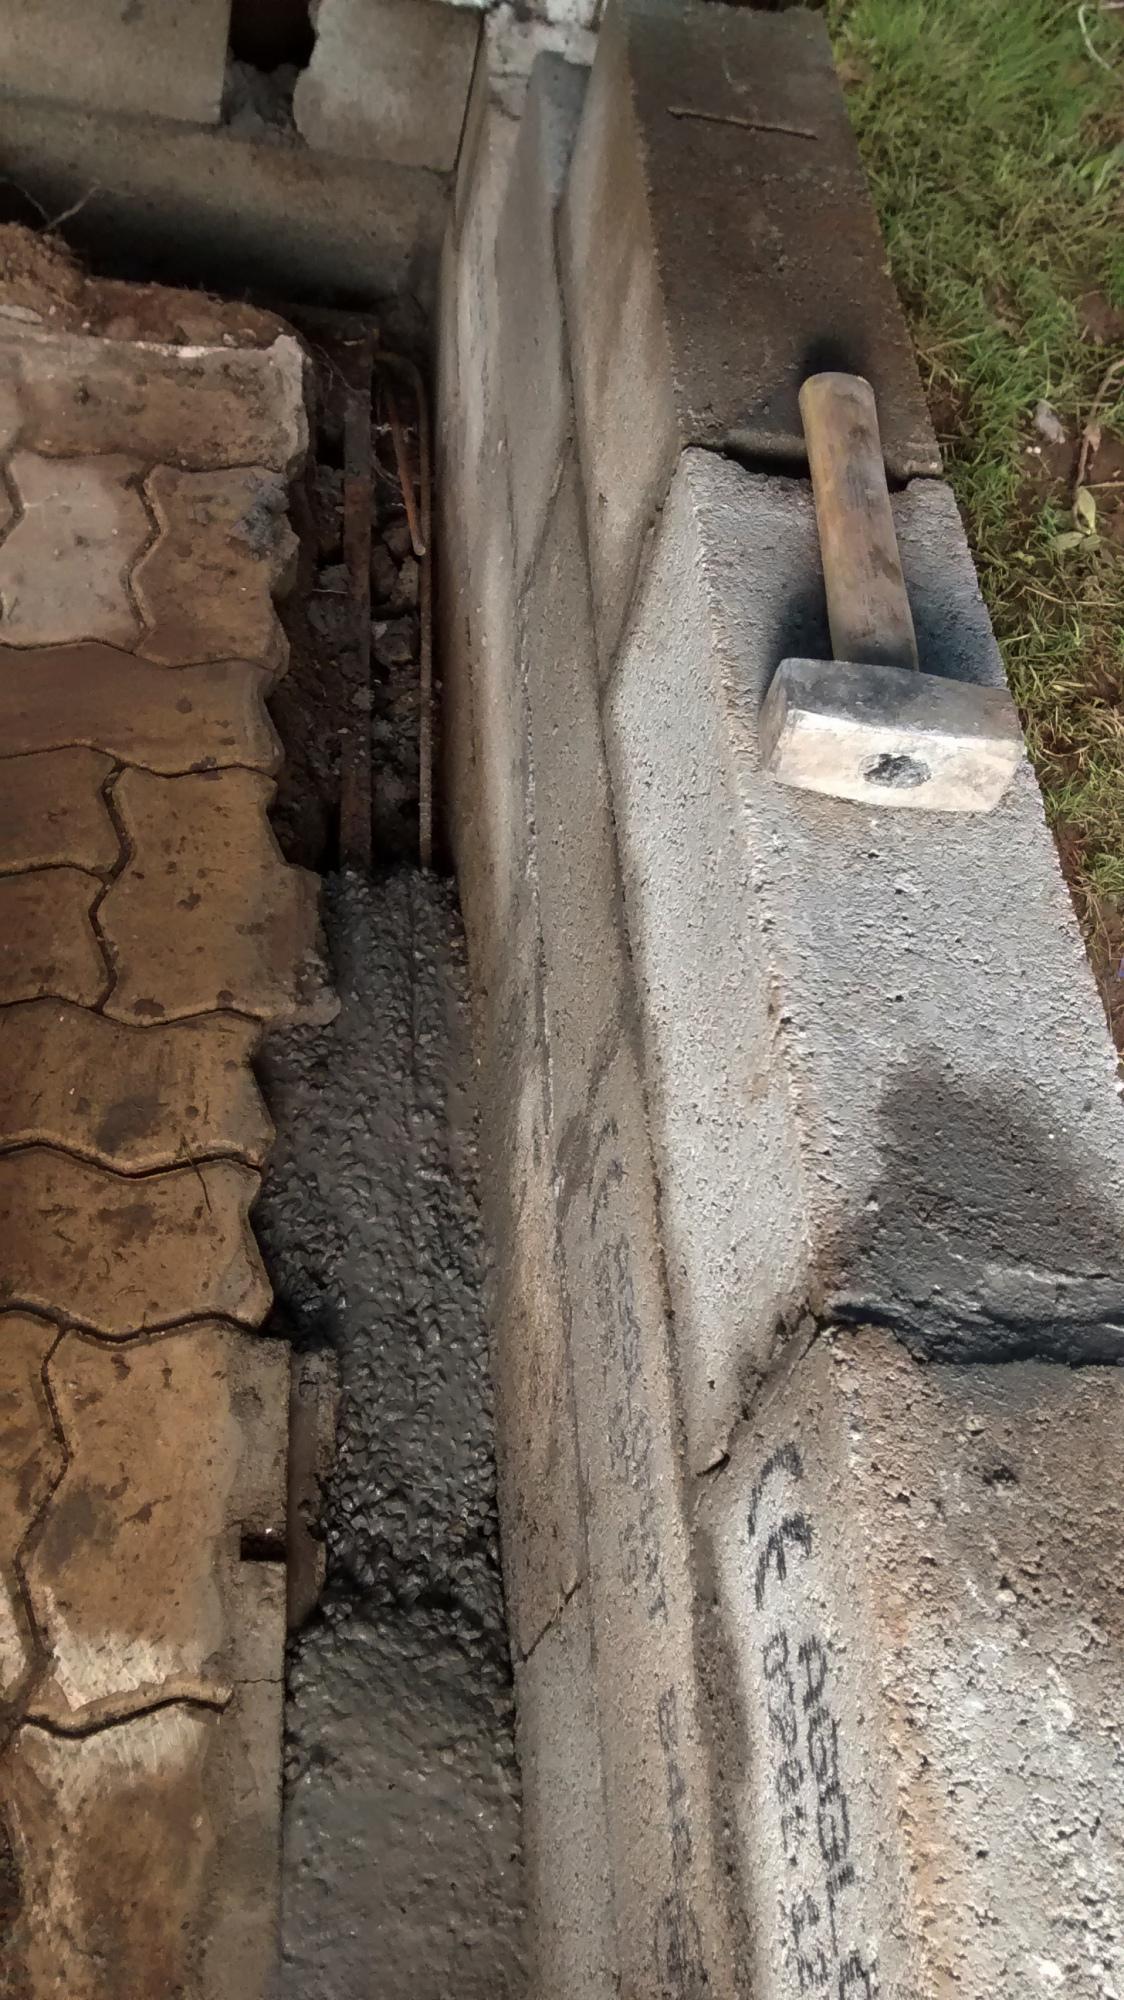 betonnage interne dalee fer.jpg